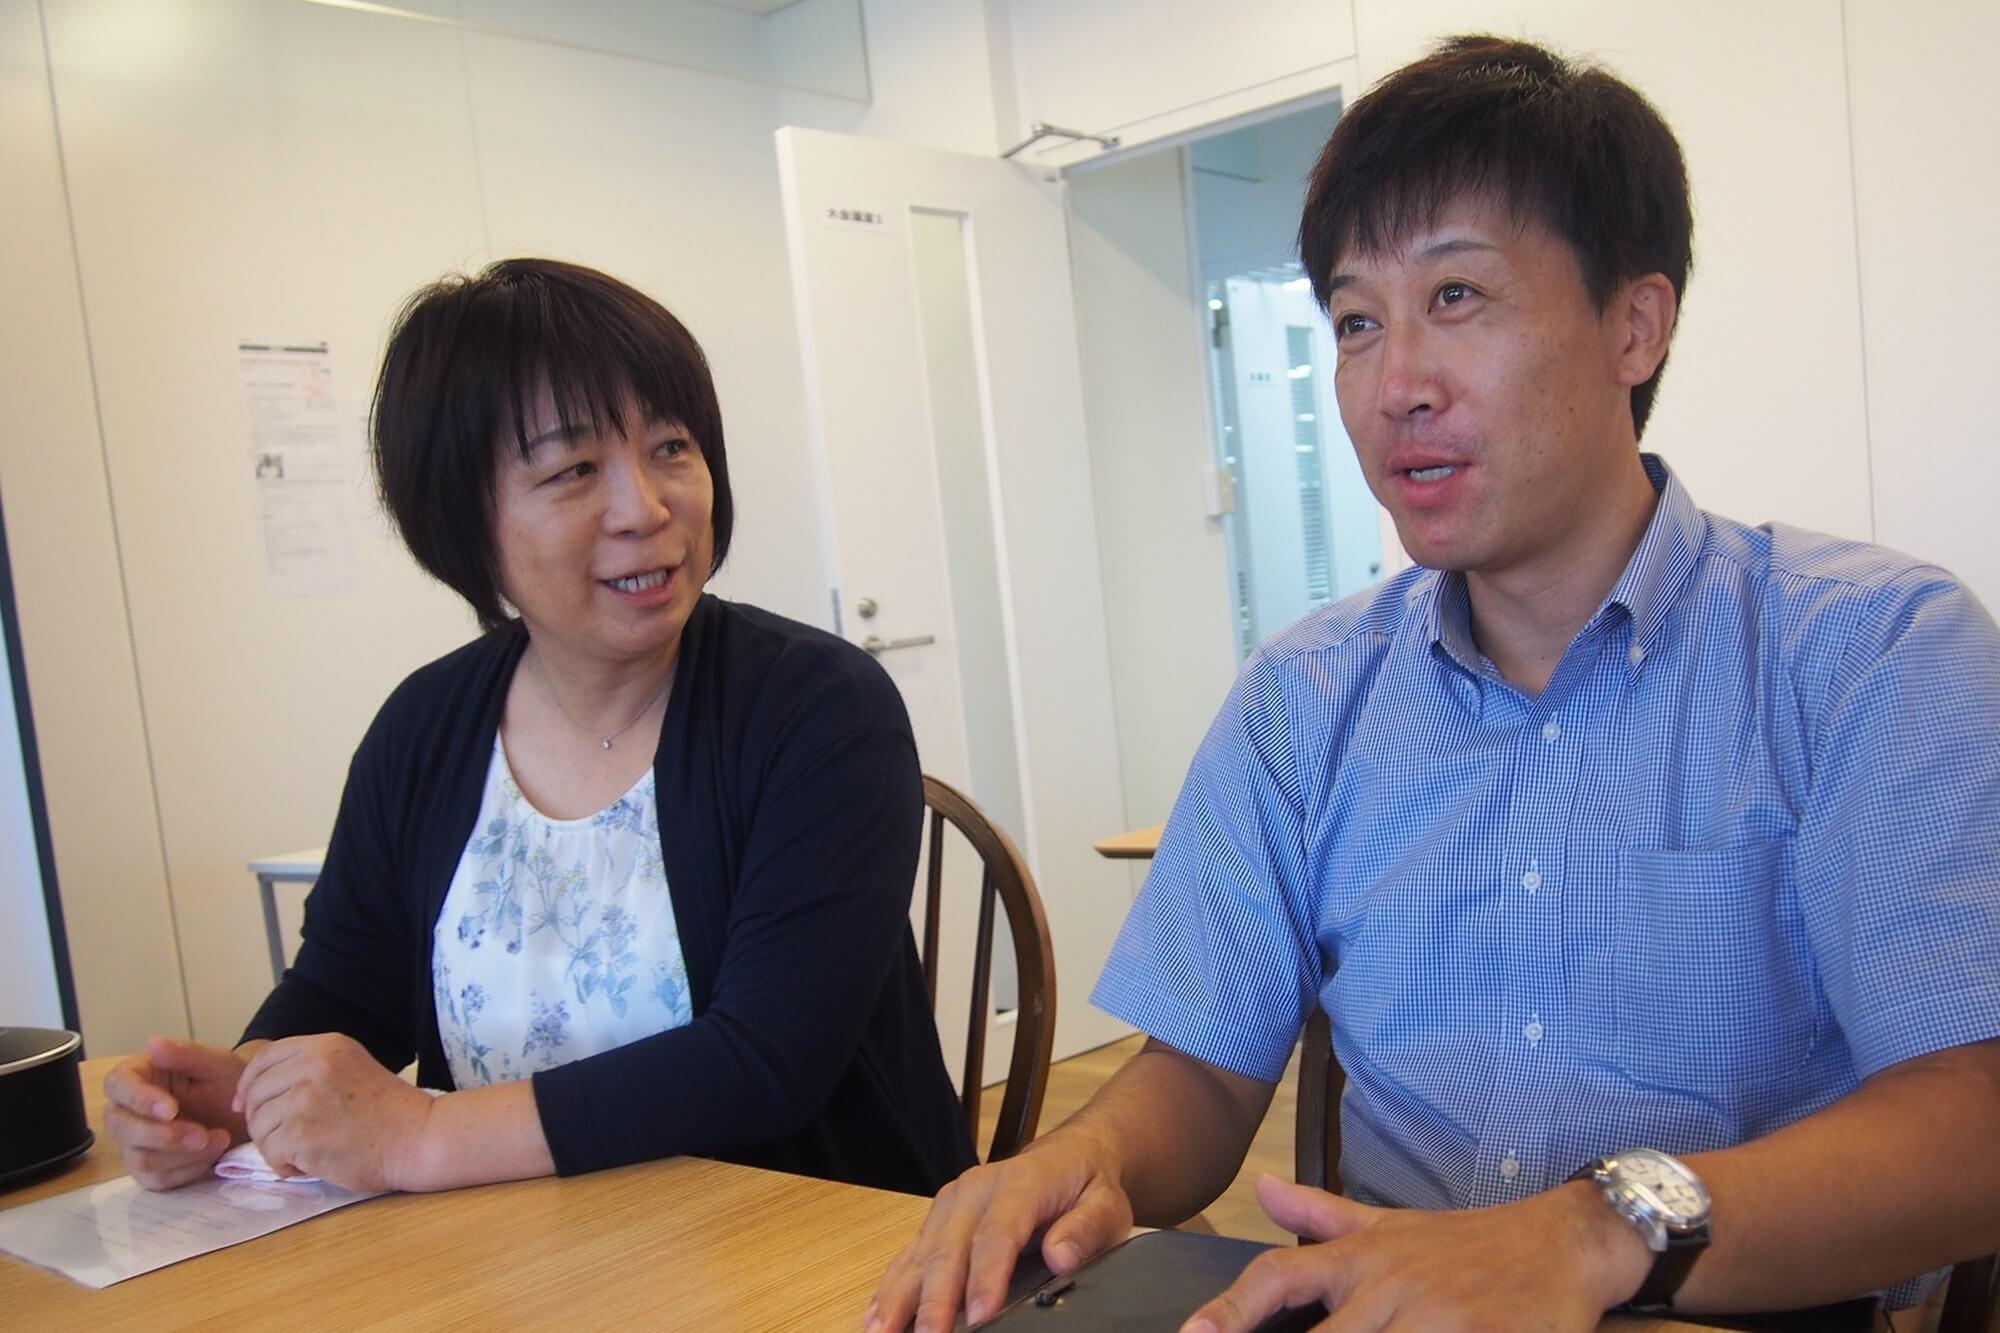 オンライン会議はいい取り組みですと語る北原園長(左)と遠藤園長(右)